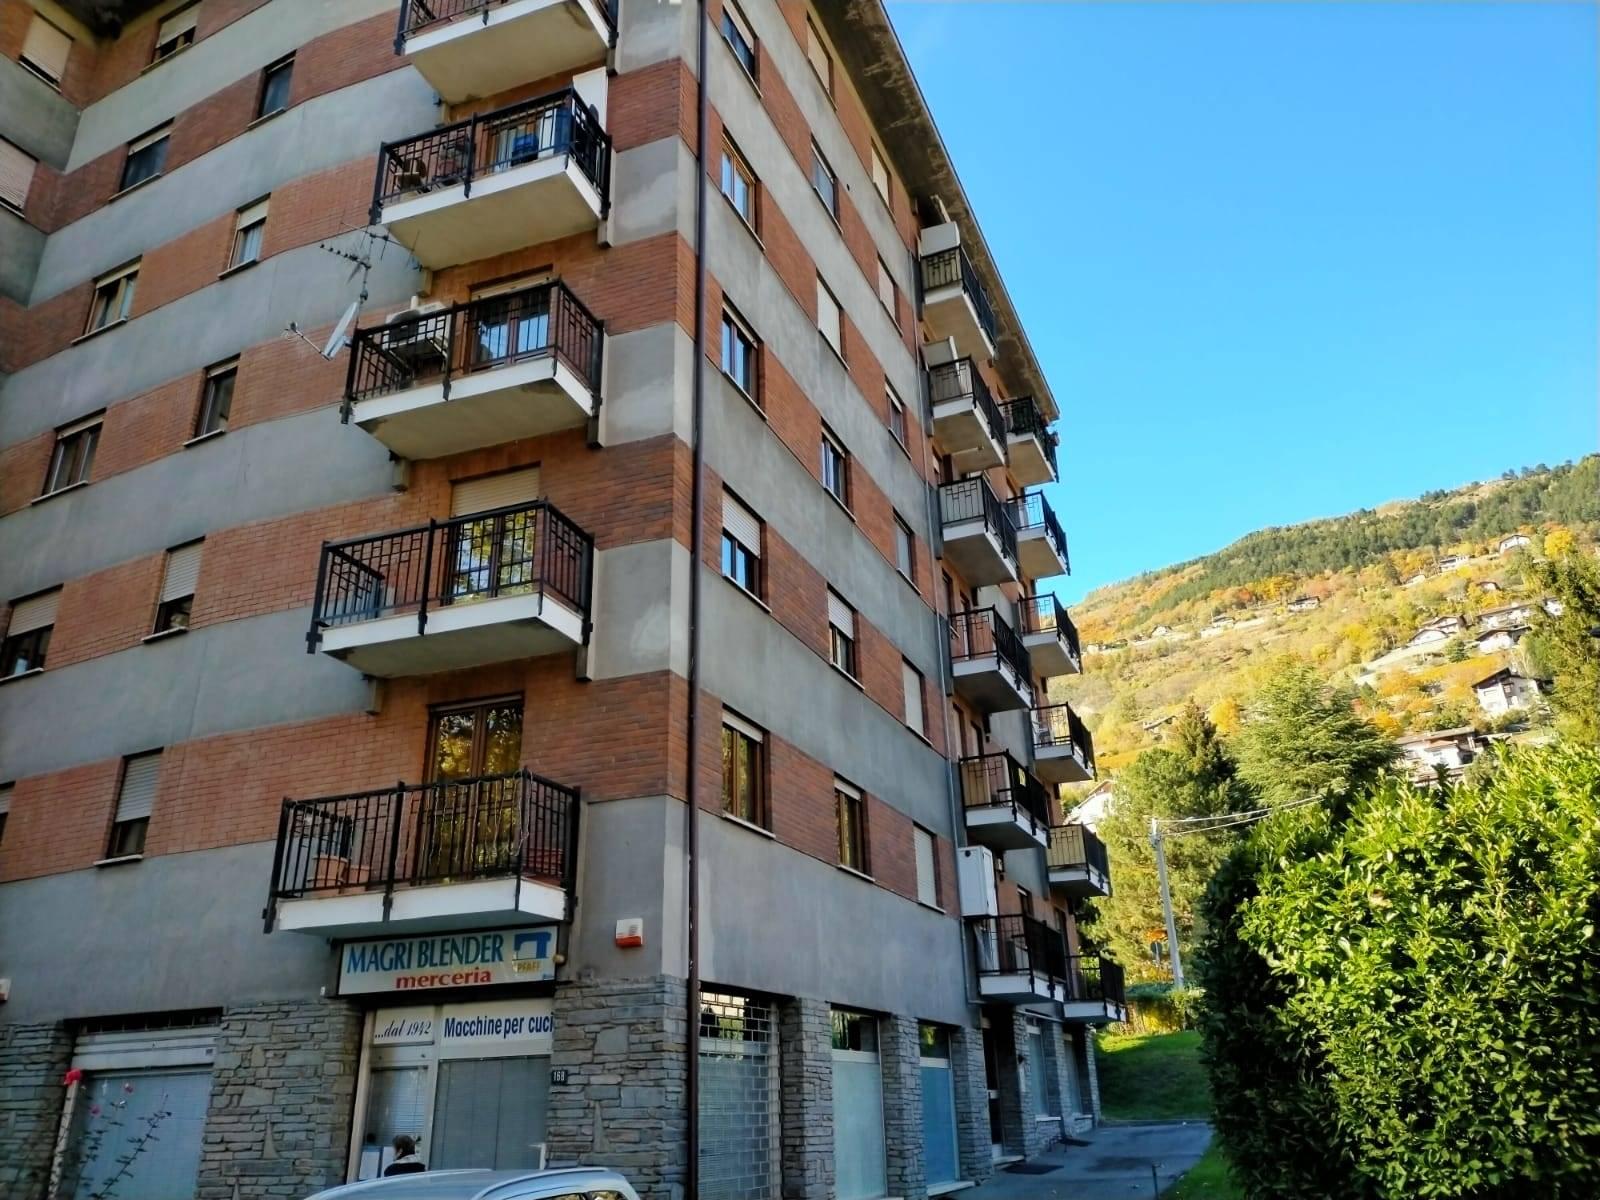 Appartamento in vendita a Aosta, 4 locali, zona Zona: Semicentro, prezzo € 198.000   CambioCasa.it